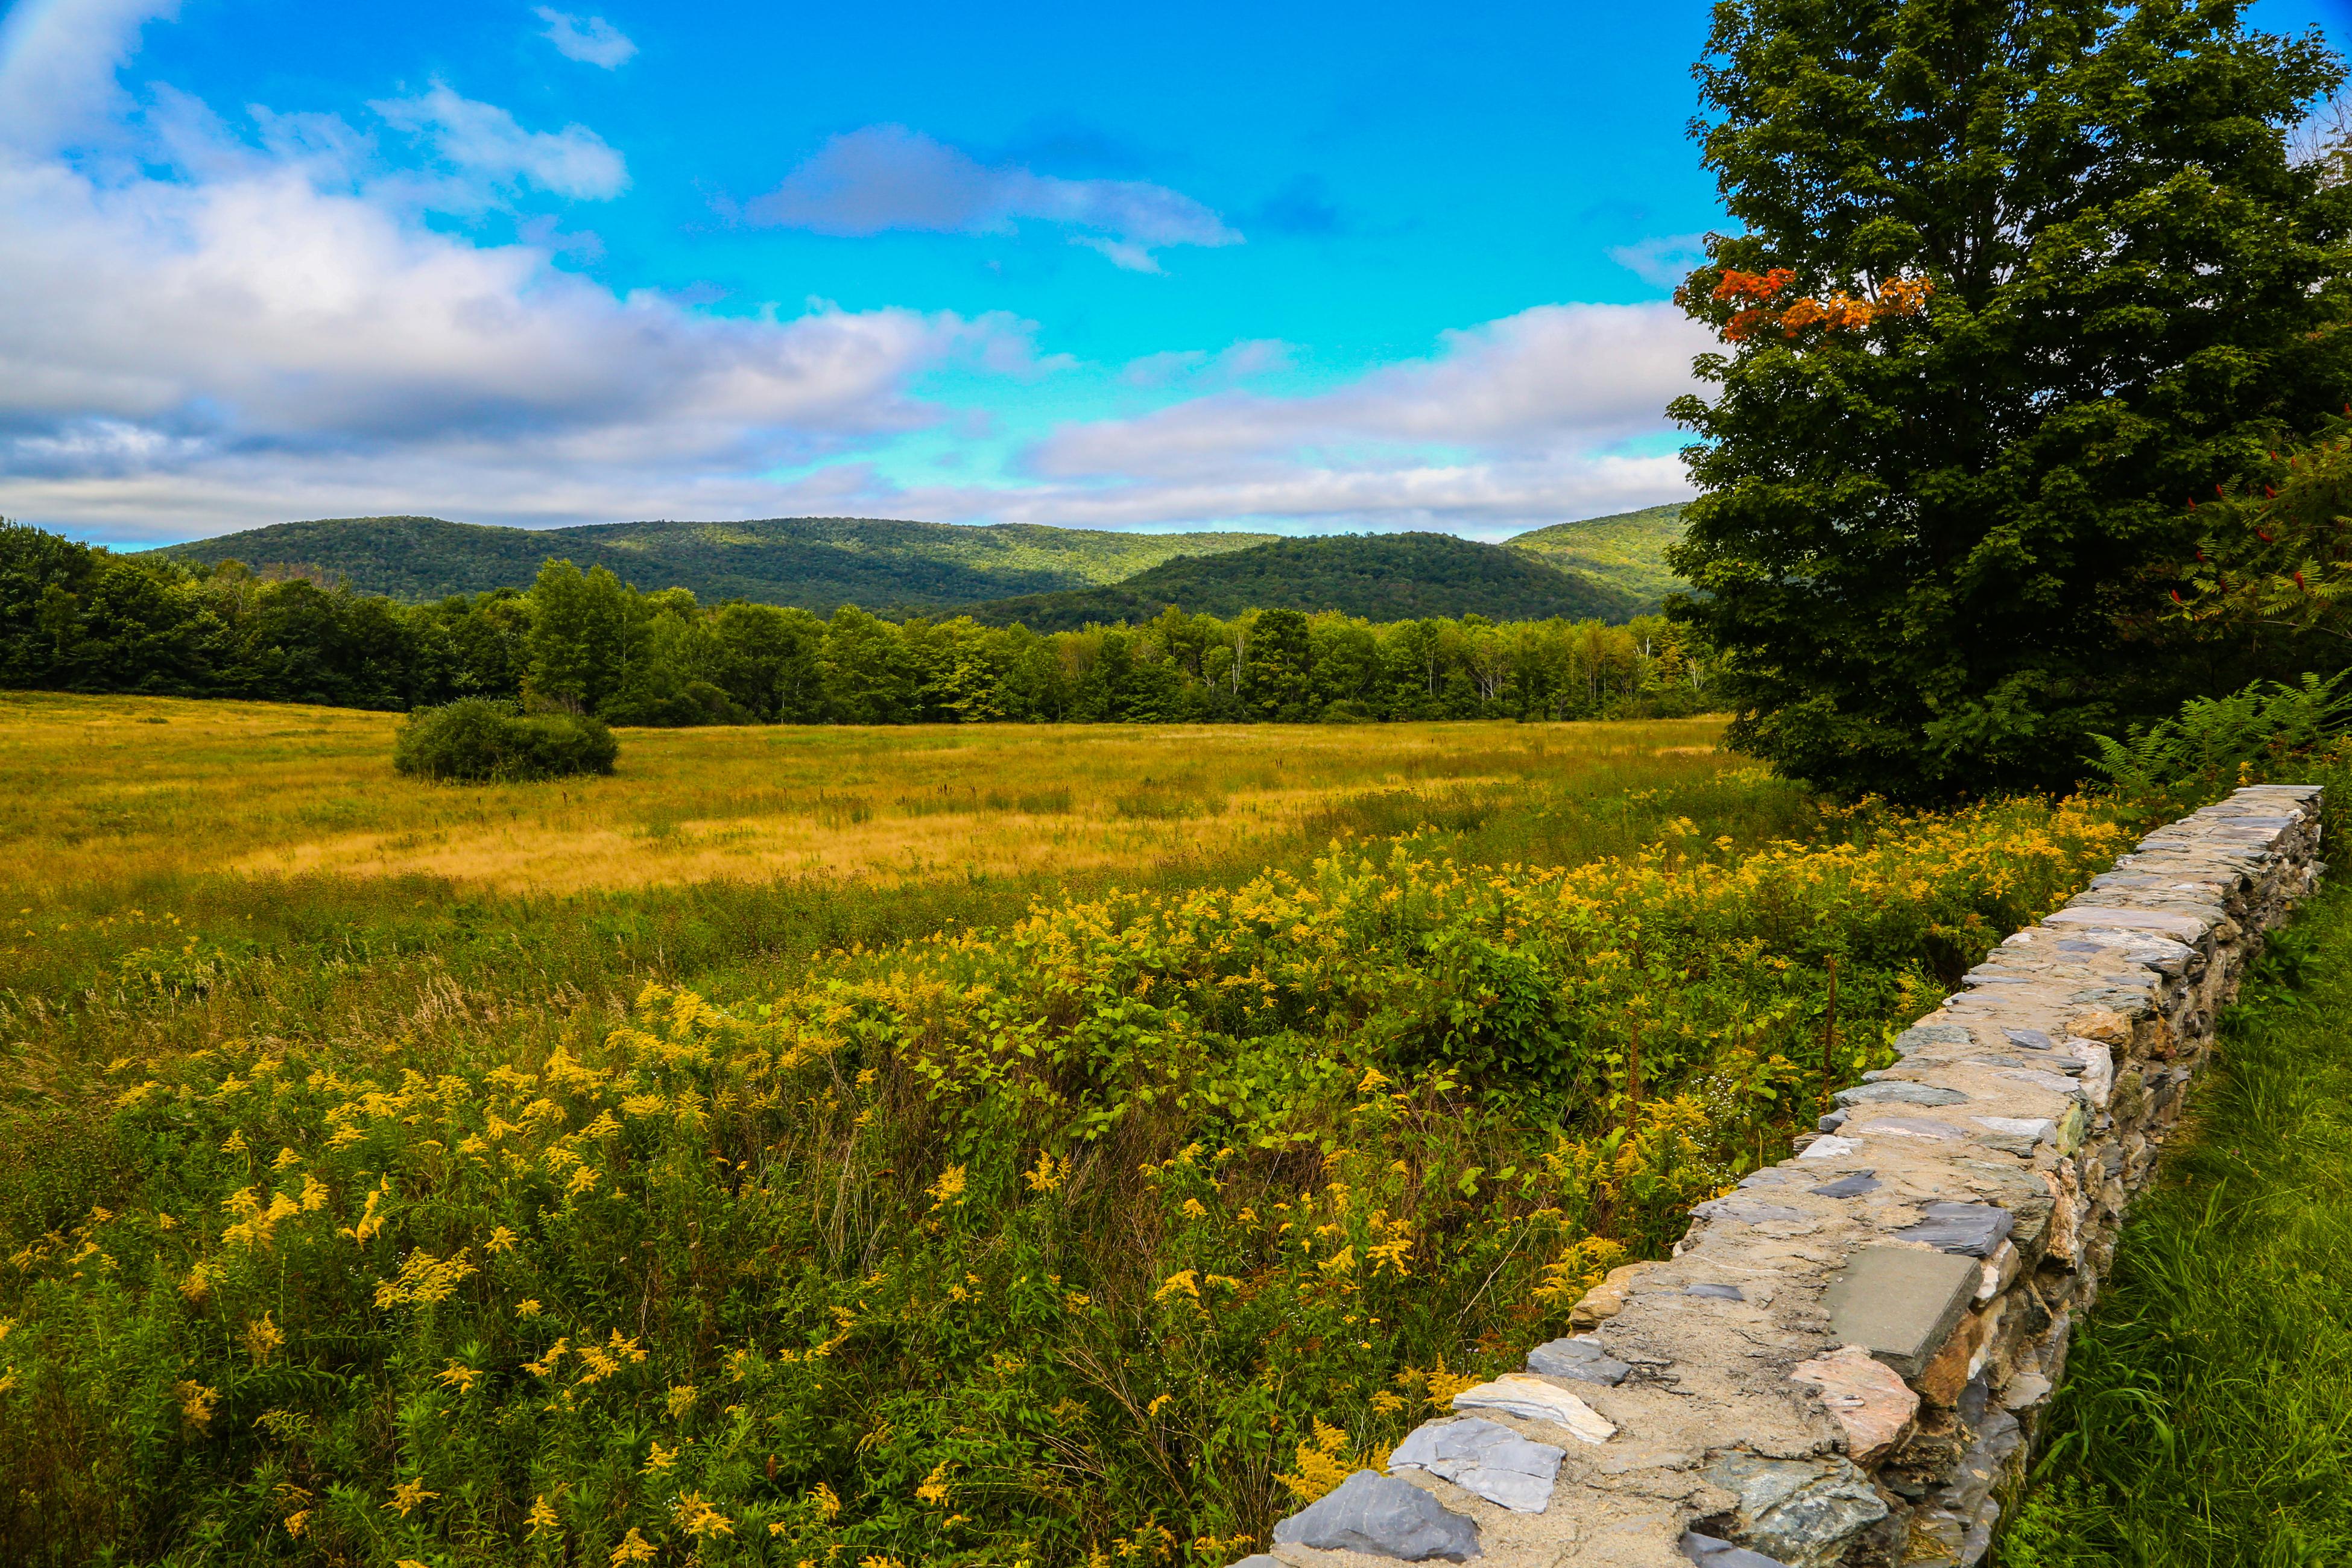 Maison unifamiliale pour l Vente à Greek Revival Farm with Barns and Views on 160 Acres 246 Whitman Rd Hancock, Massachusetts 01237 États-Unis